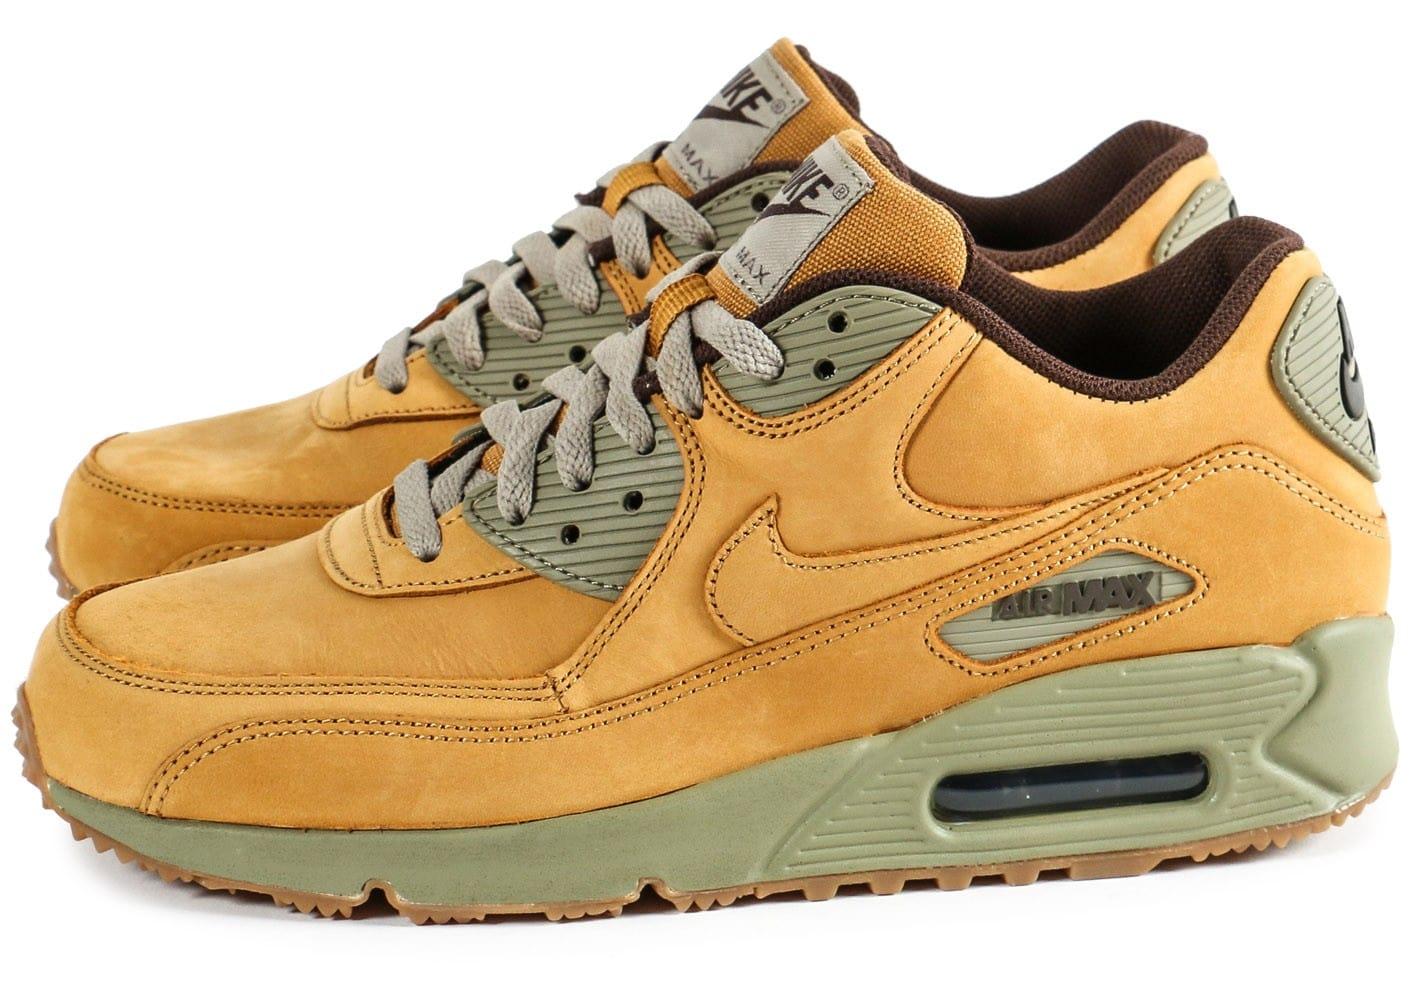 separation shoes d6e70 99a52 air max 90 winter premium homme